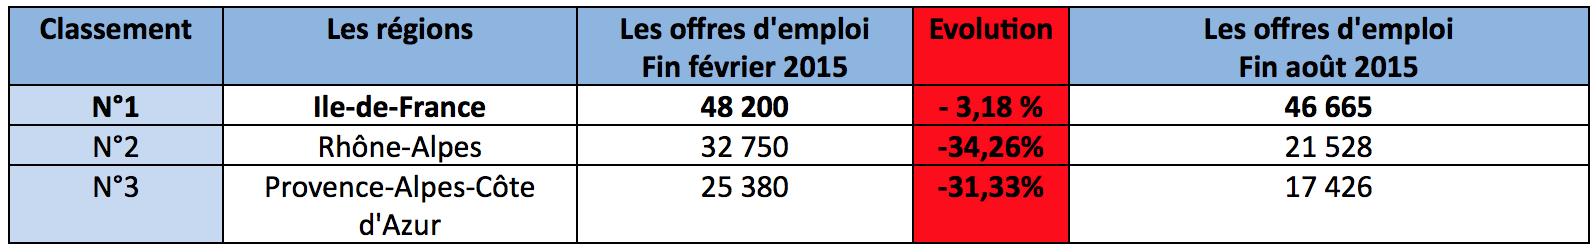 nombre offres emploi par région